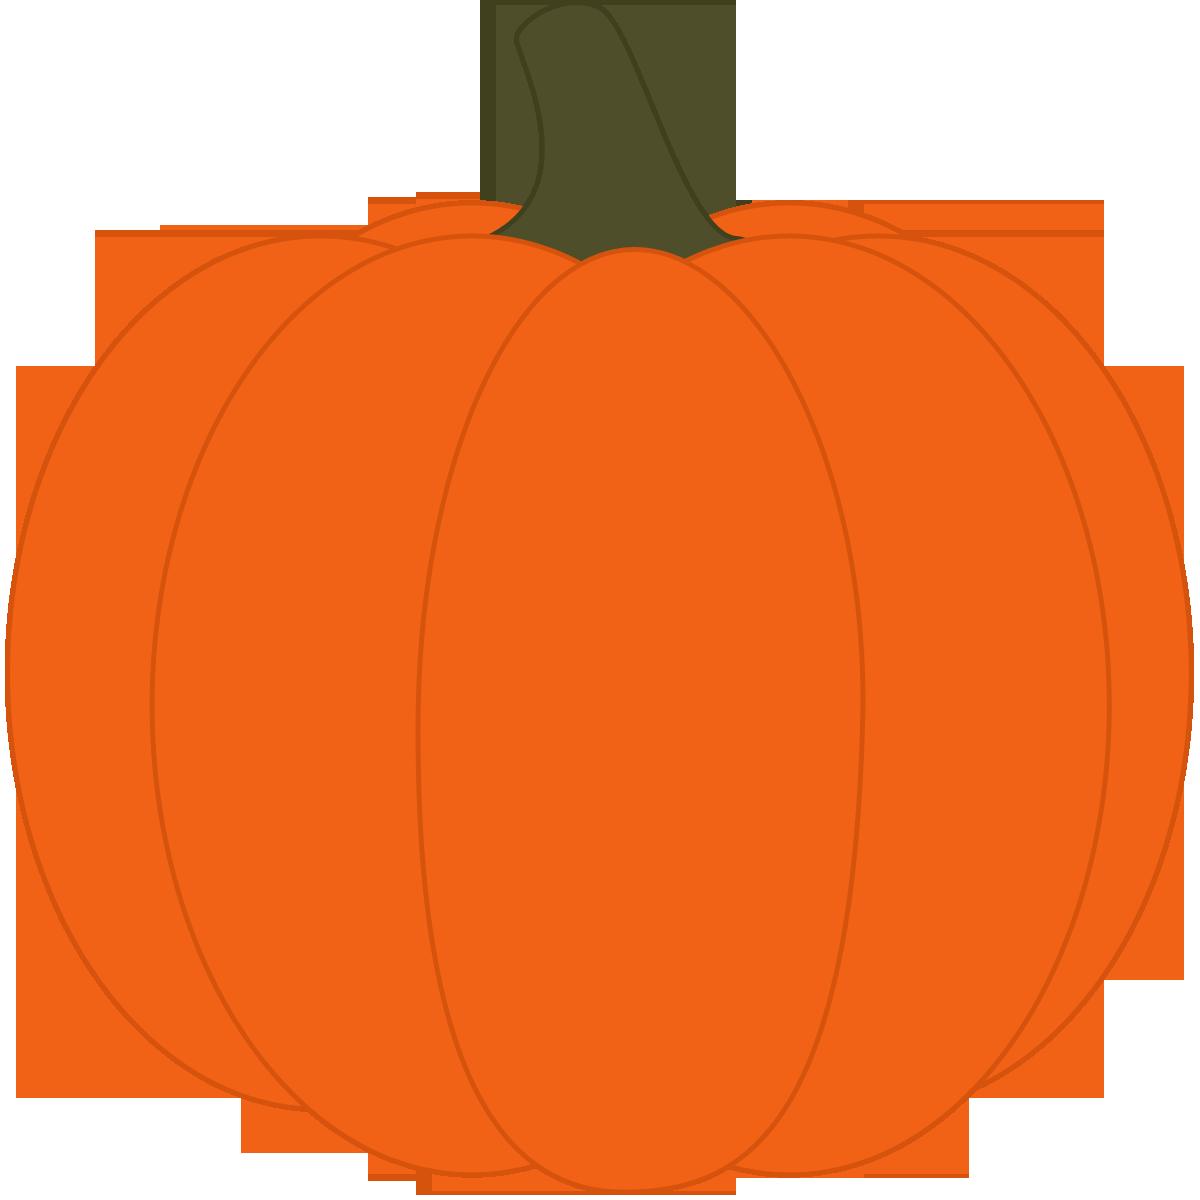 1200x1200 Pumpkin Clipart Cute